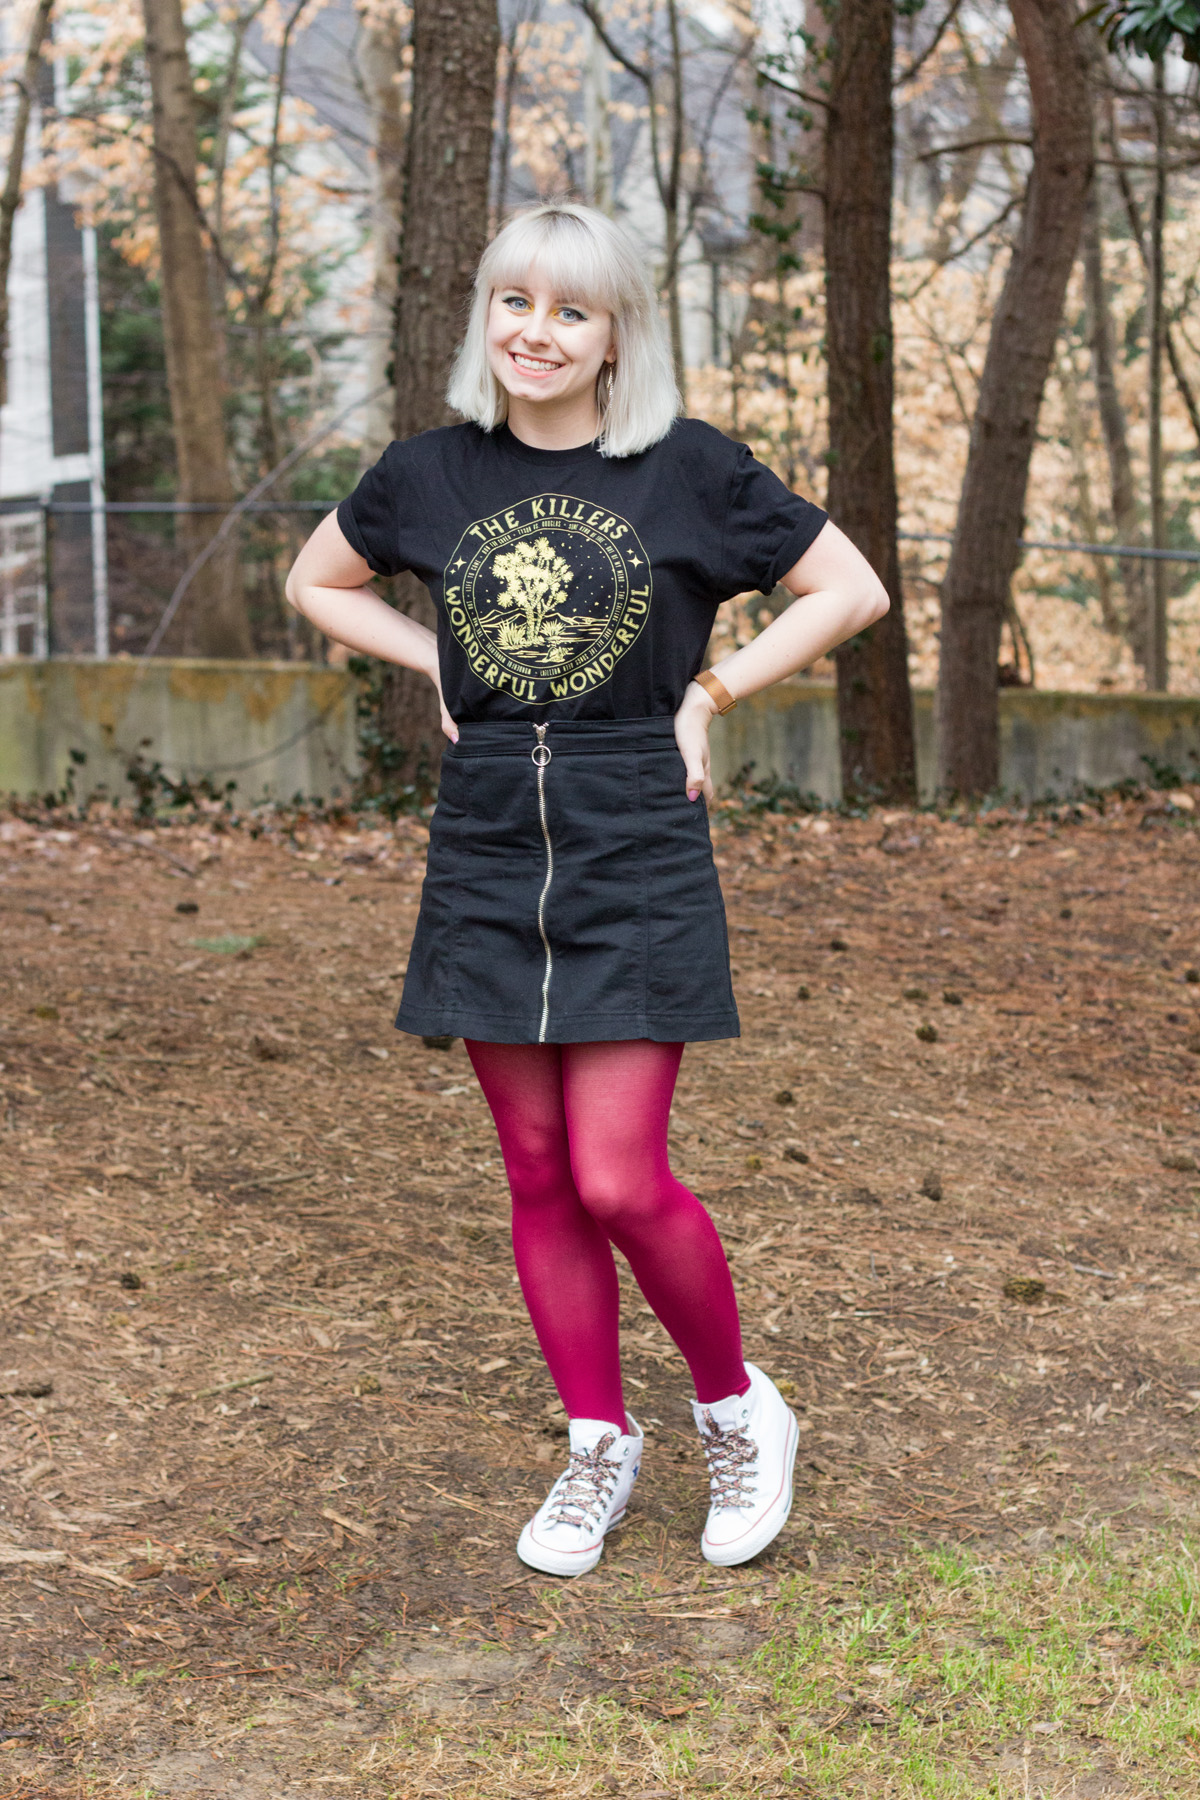 Concert Tee, Black Denim Mini Skirt